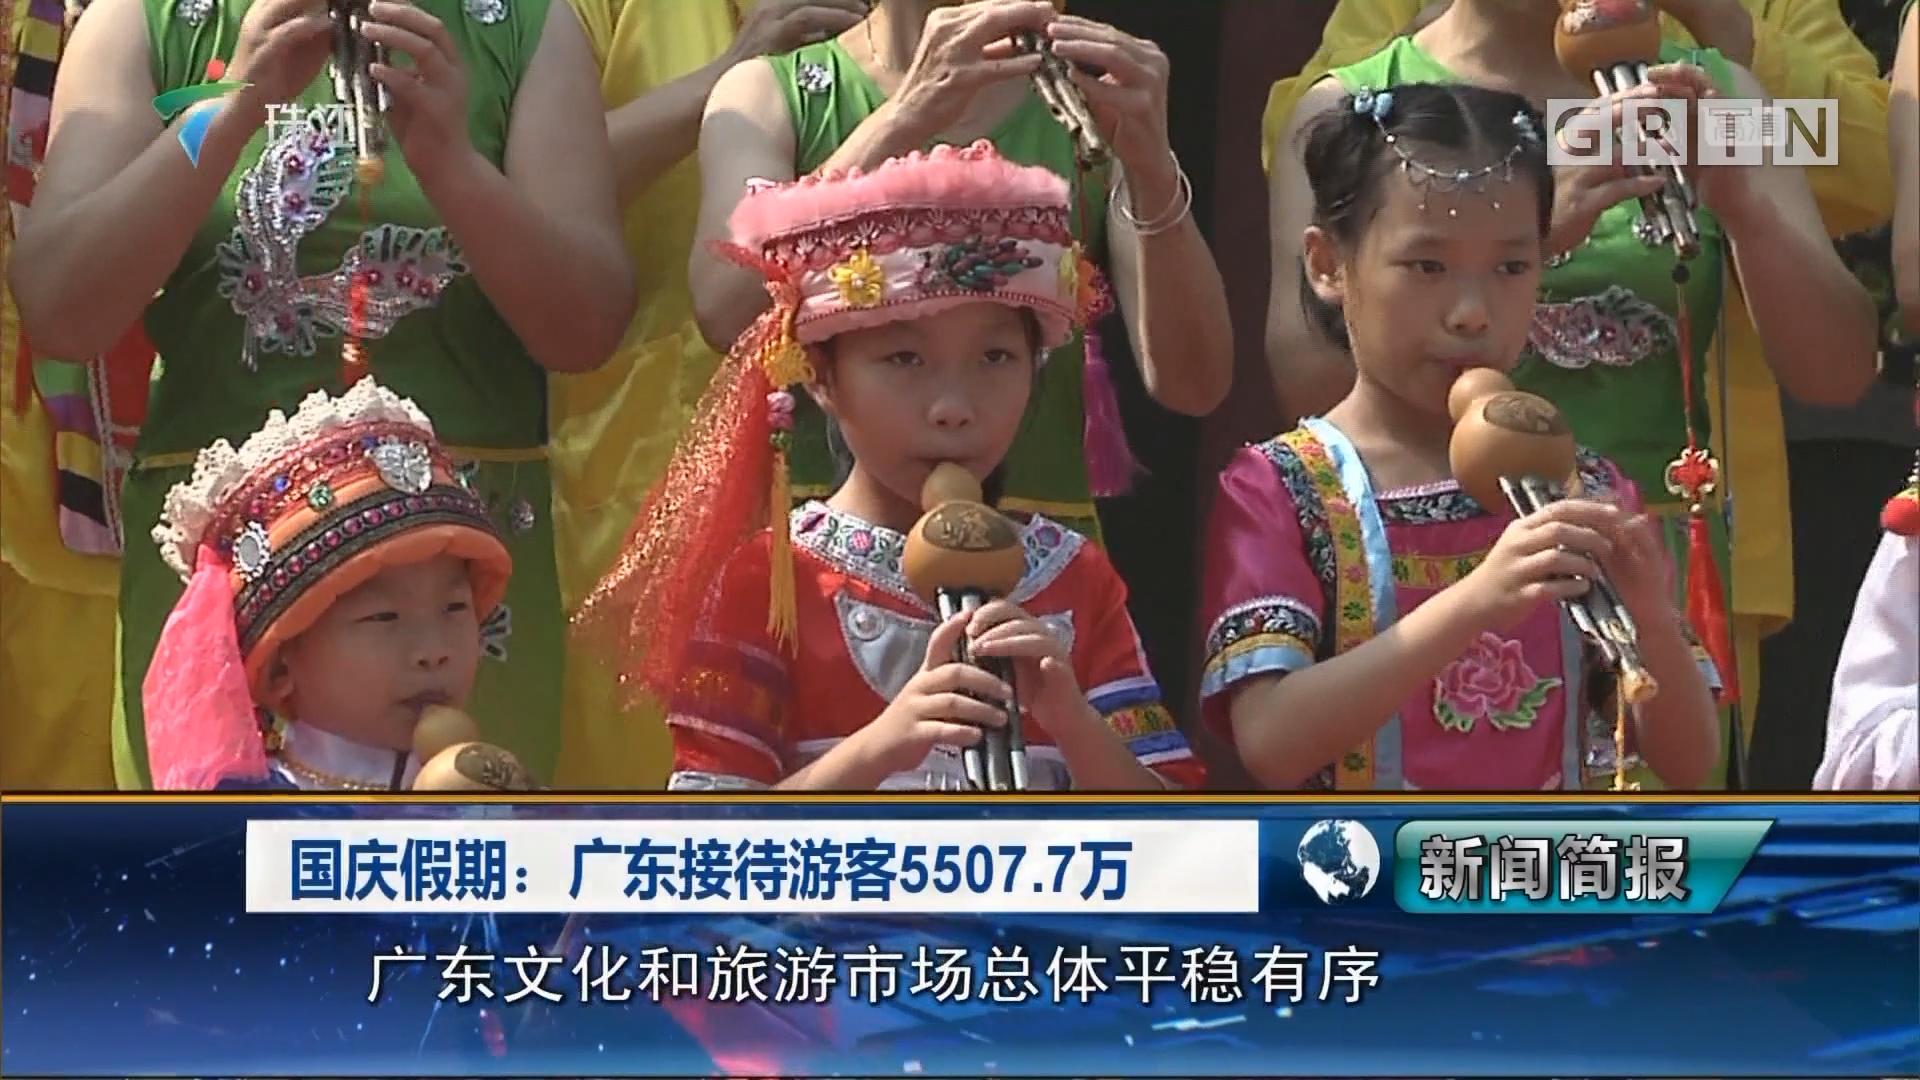 国庆假期:广东接待游客5507.7万